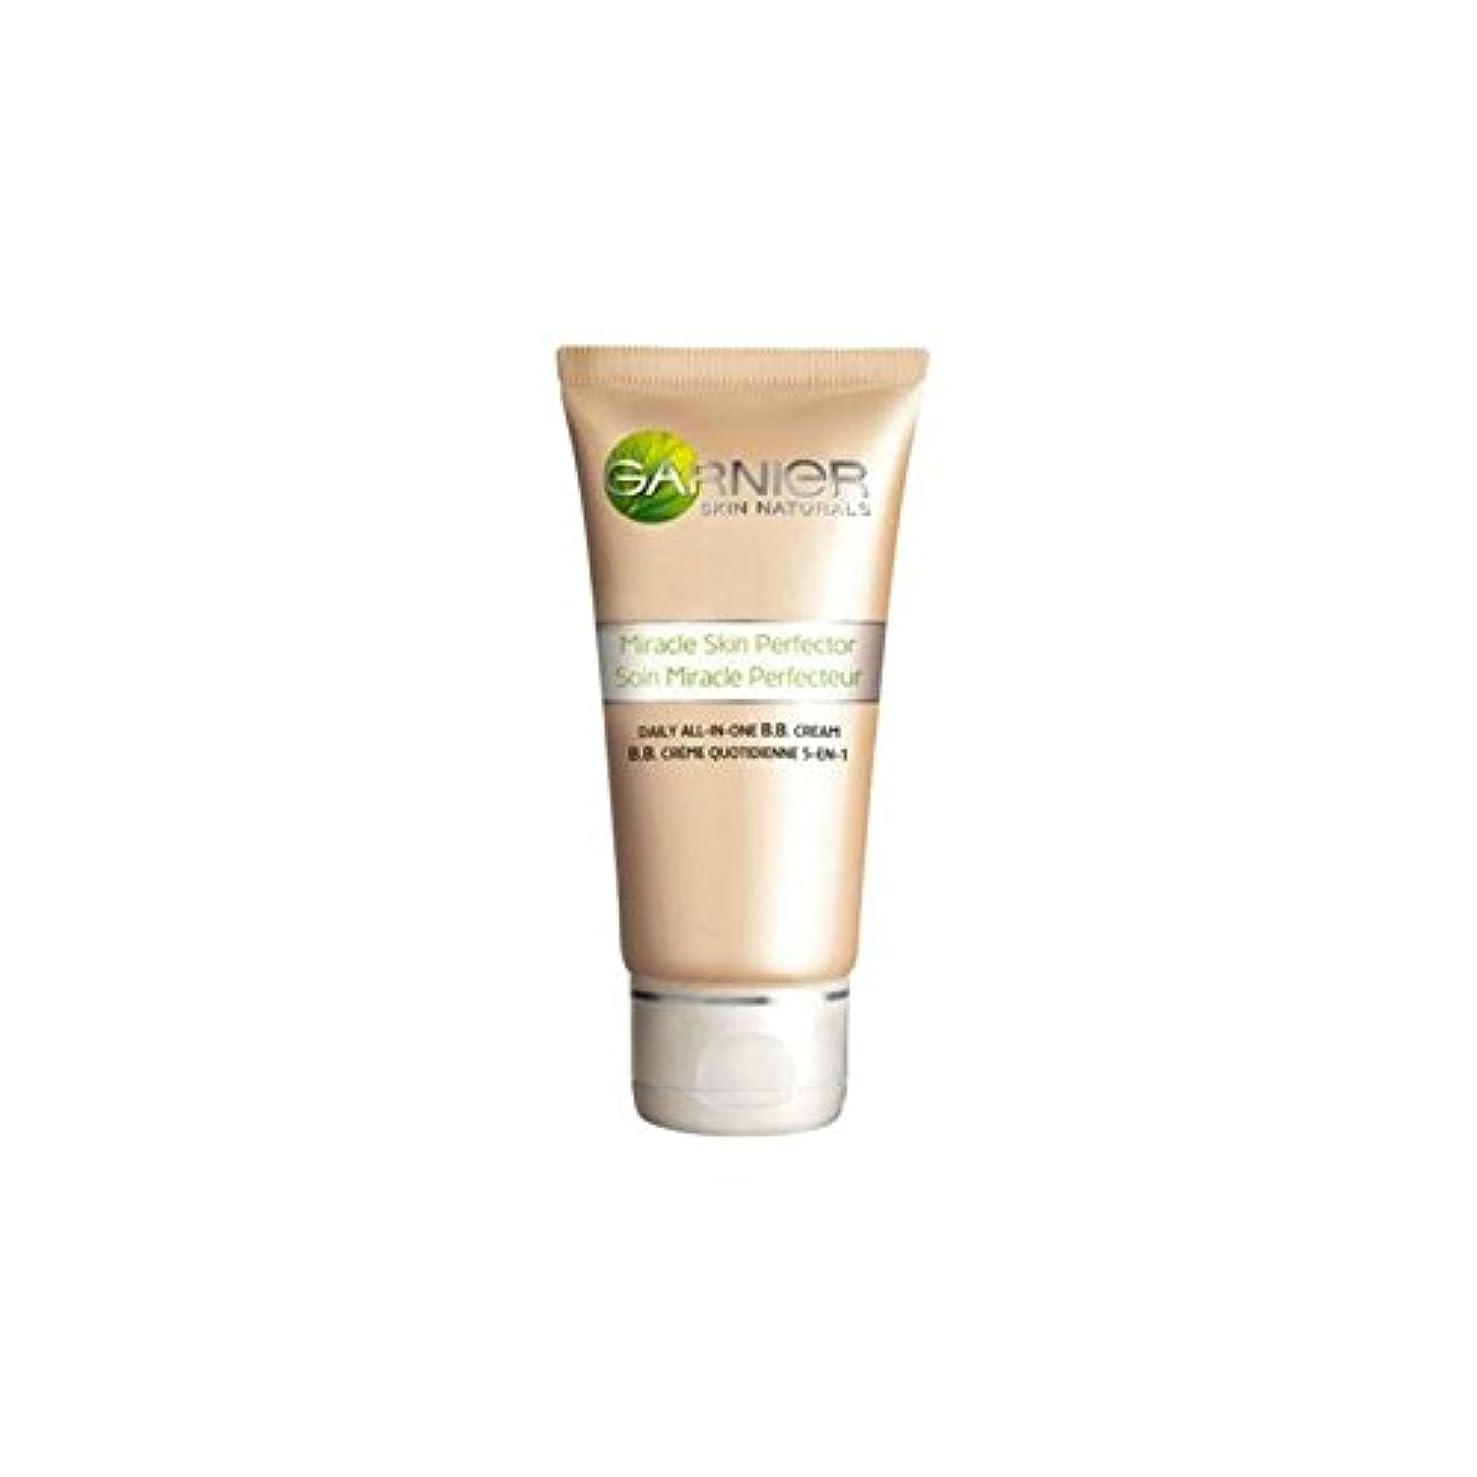 登録回転させるはがきGarnier Original Medium Bb Cream (50ml) (Pack of 6) - ガルニエオリジナル媒体クリーム(50)中 x6 [並行輸入品]